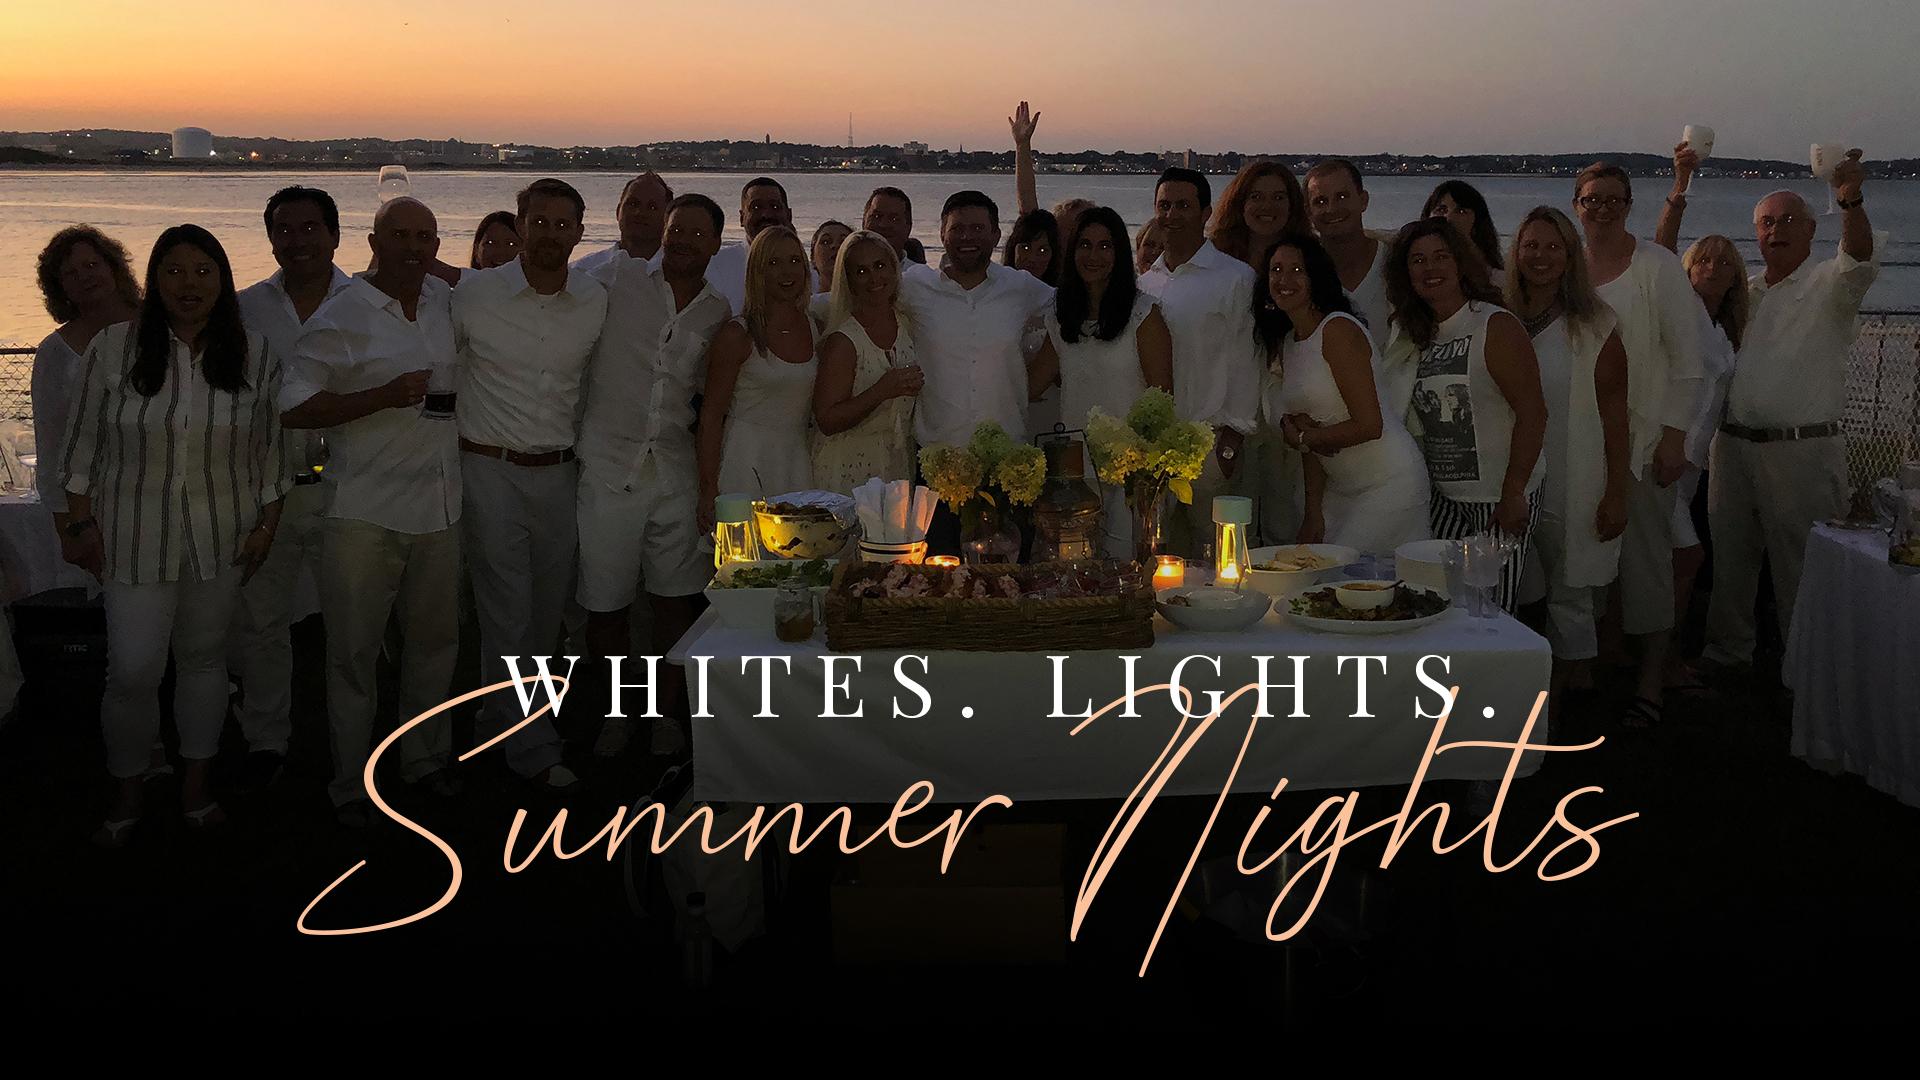 WhitesLights2019.jpg